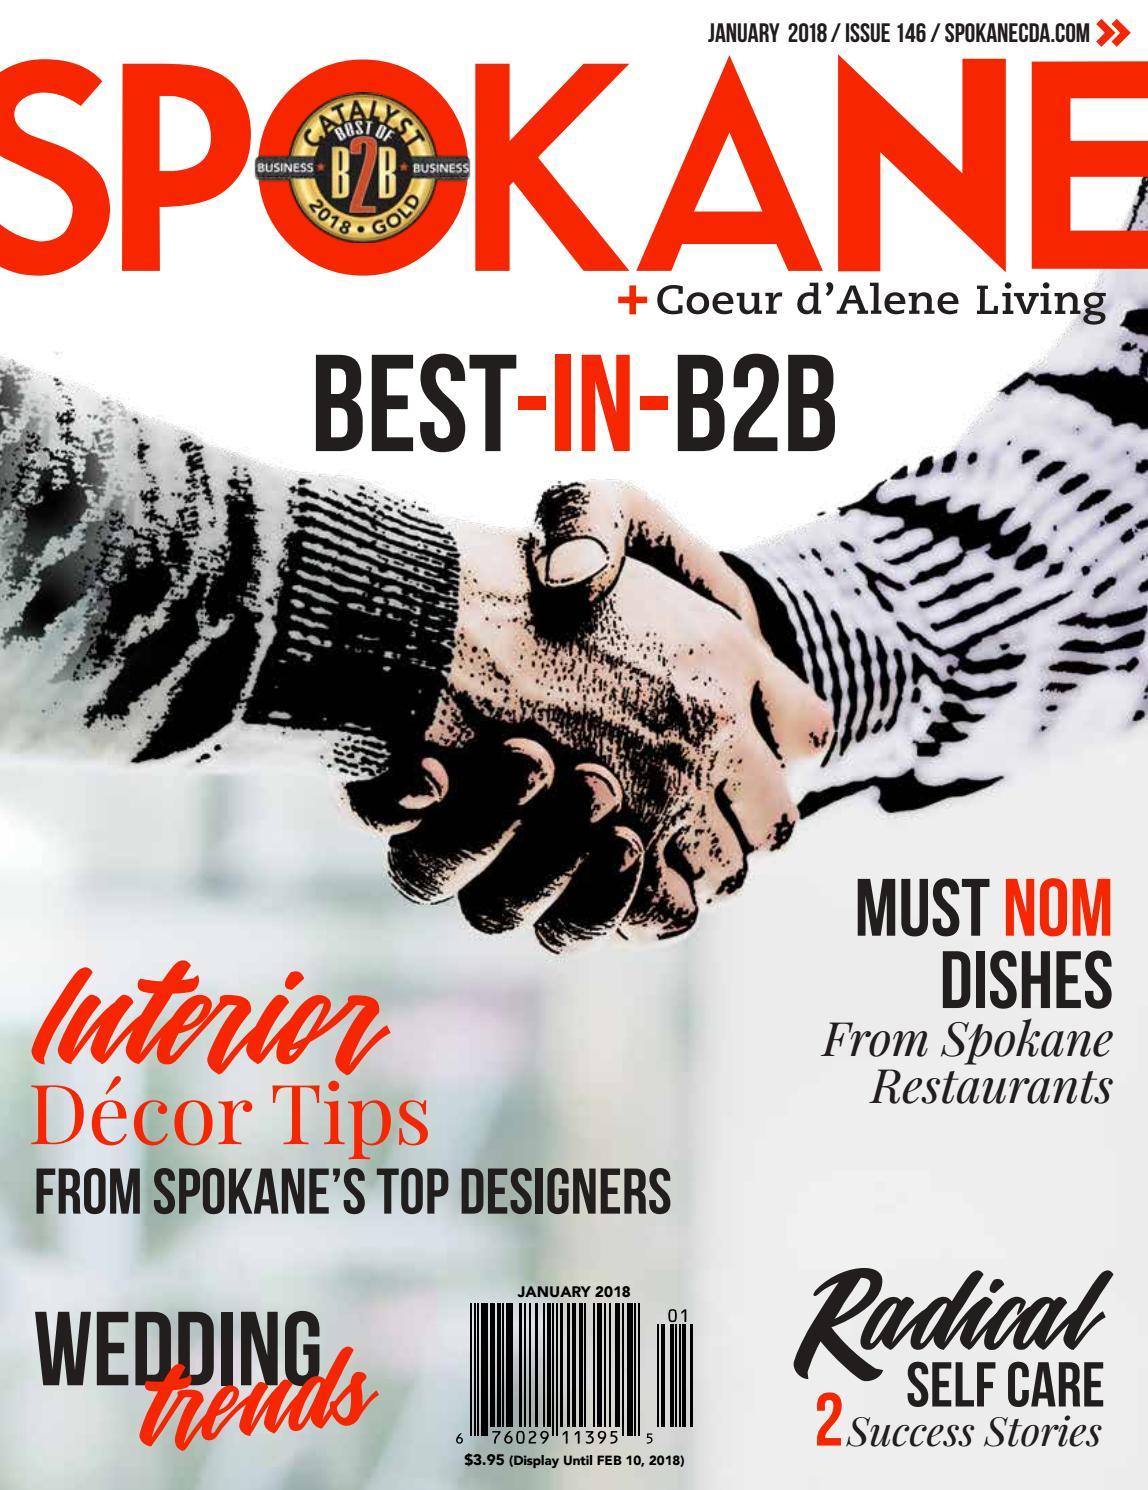 d57a60df41d Spokane Coeur d Alene Living magazine January 2018  146 by Spokane magazine  - issuu